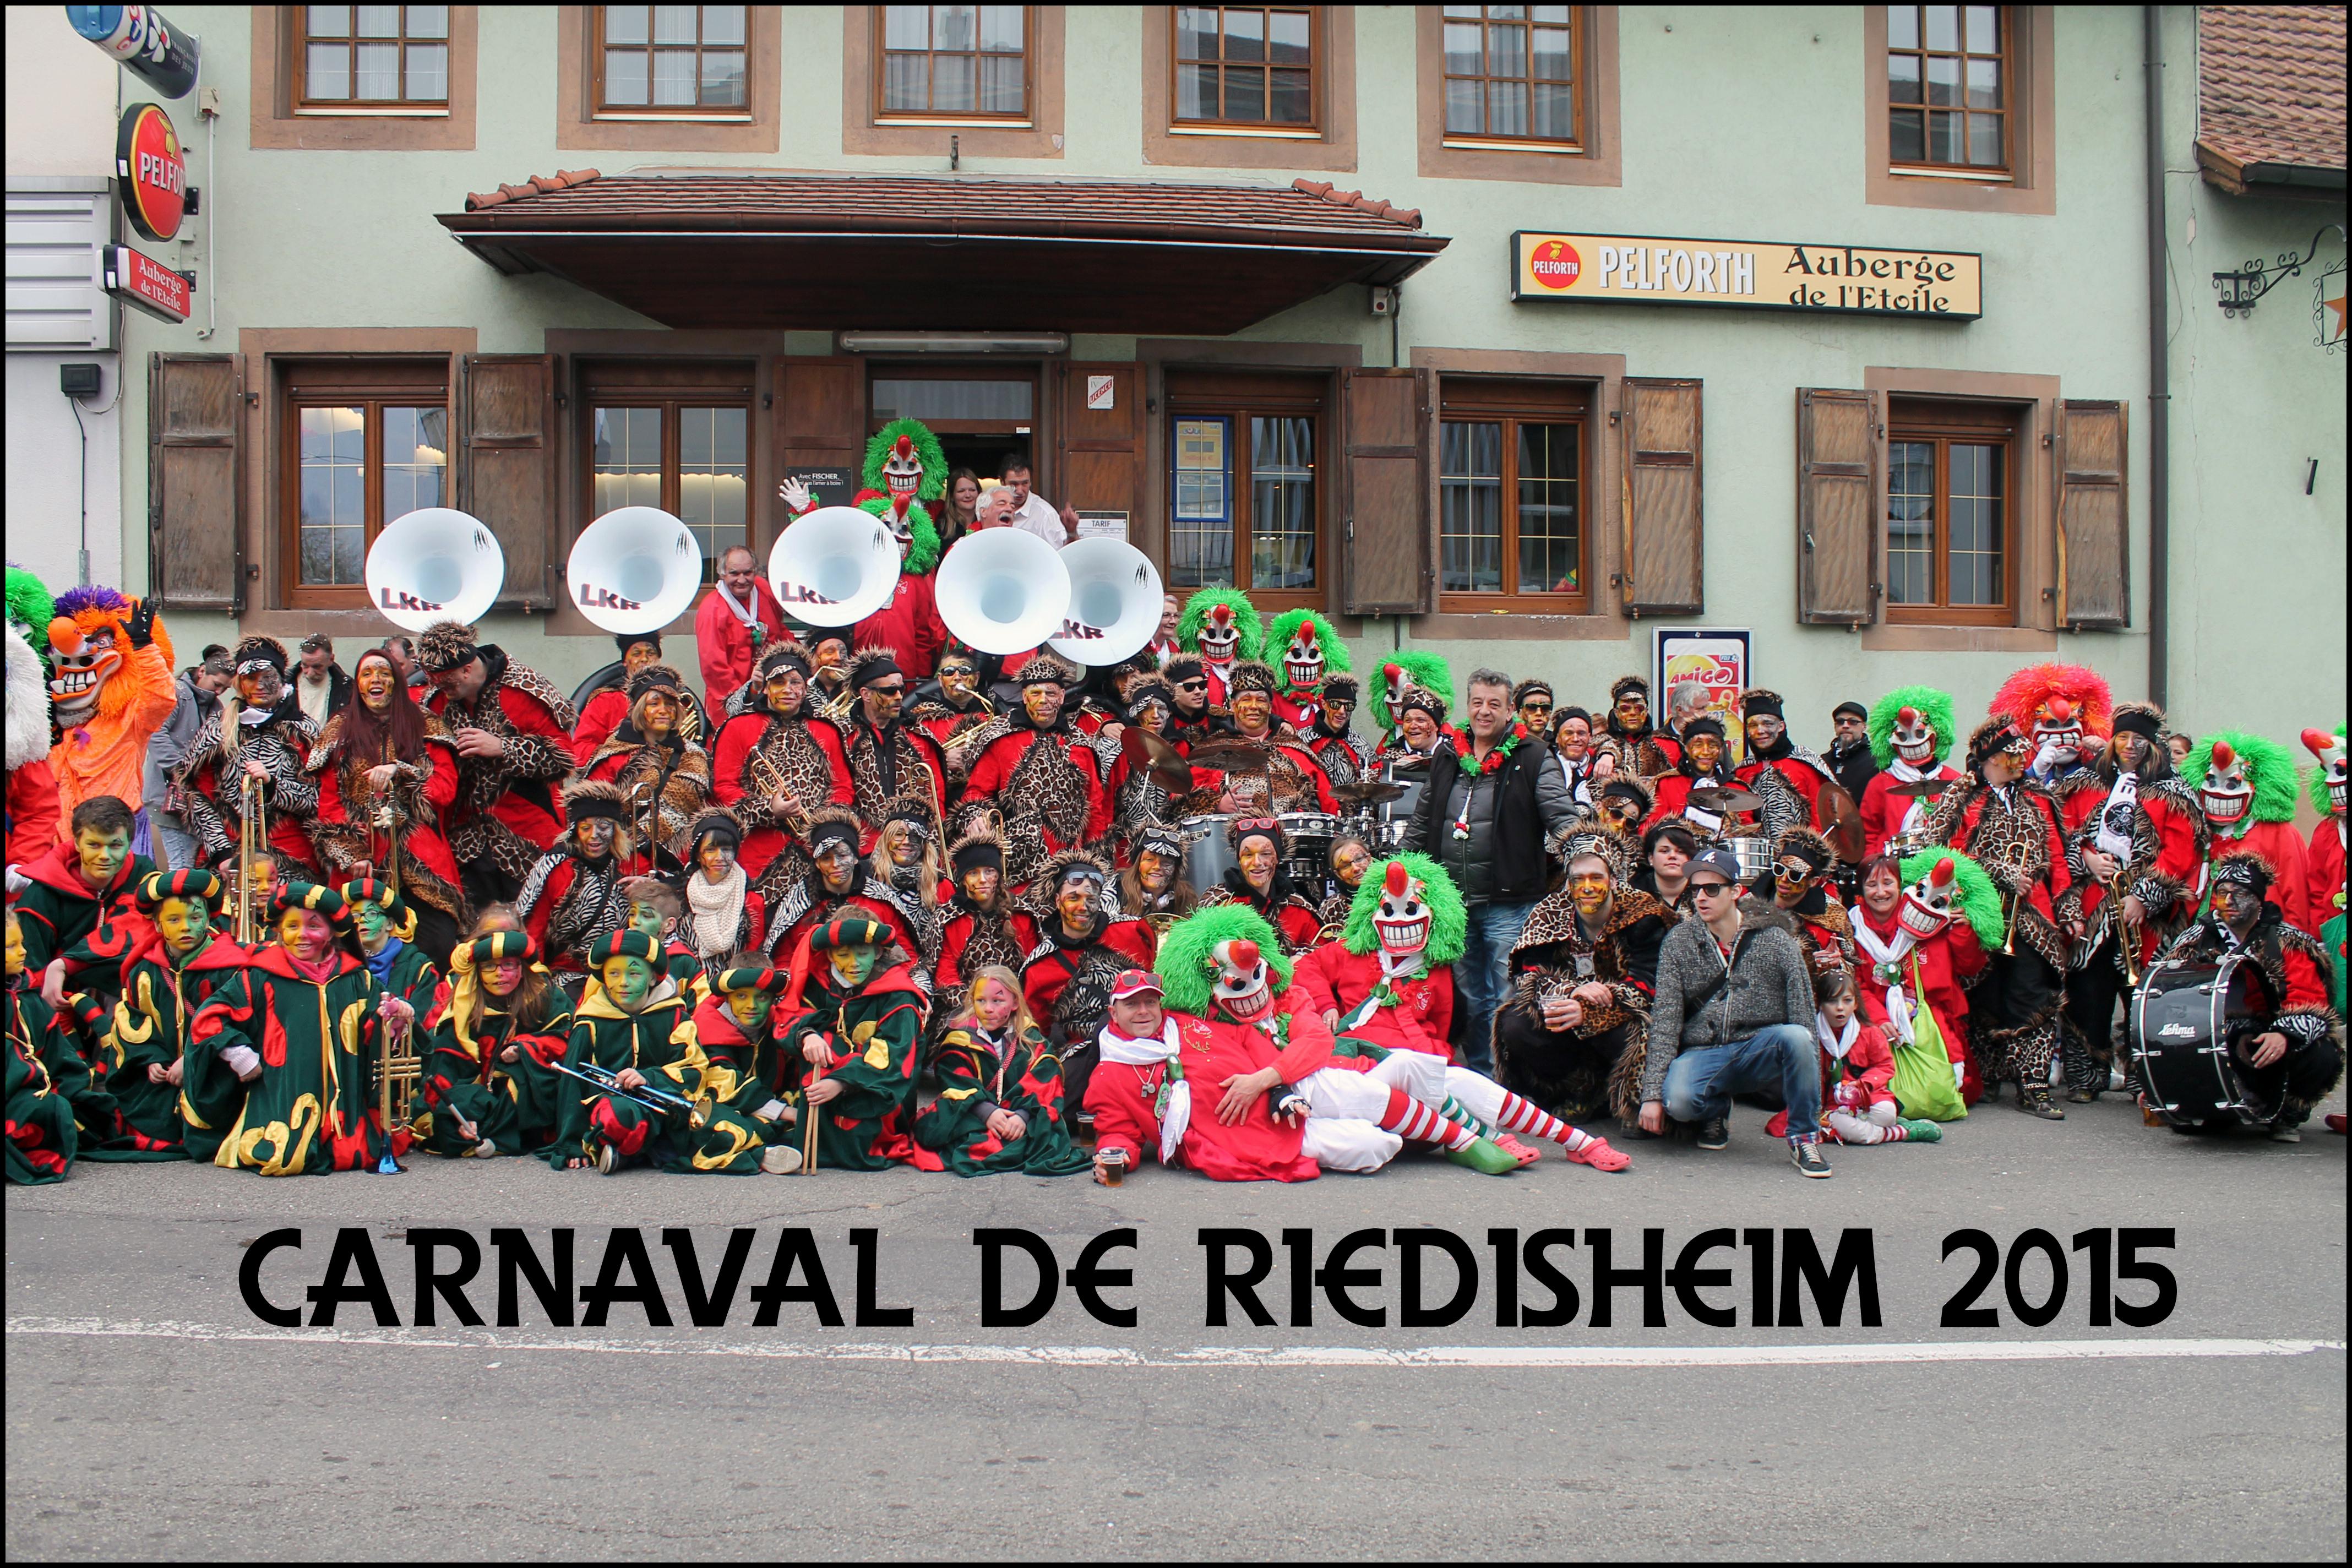 Carnaval de Riedisheim 2015.jpg